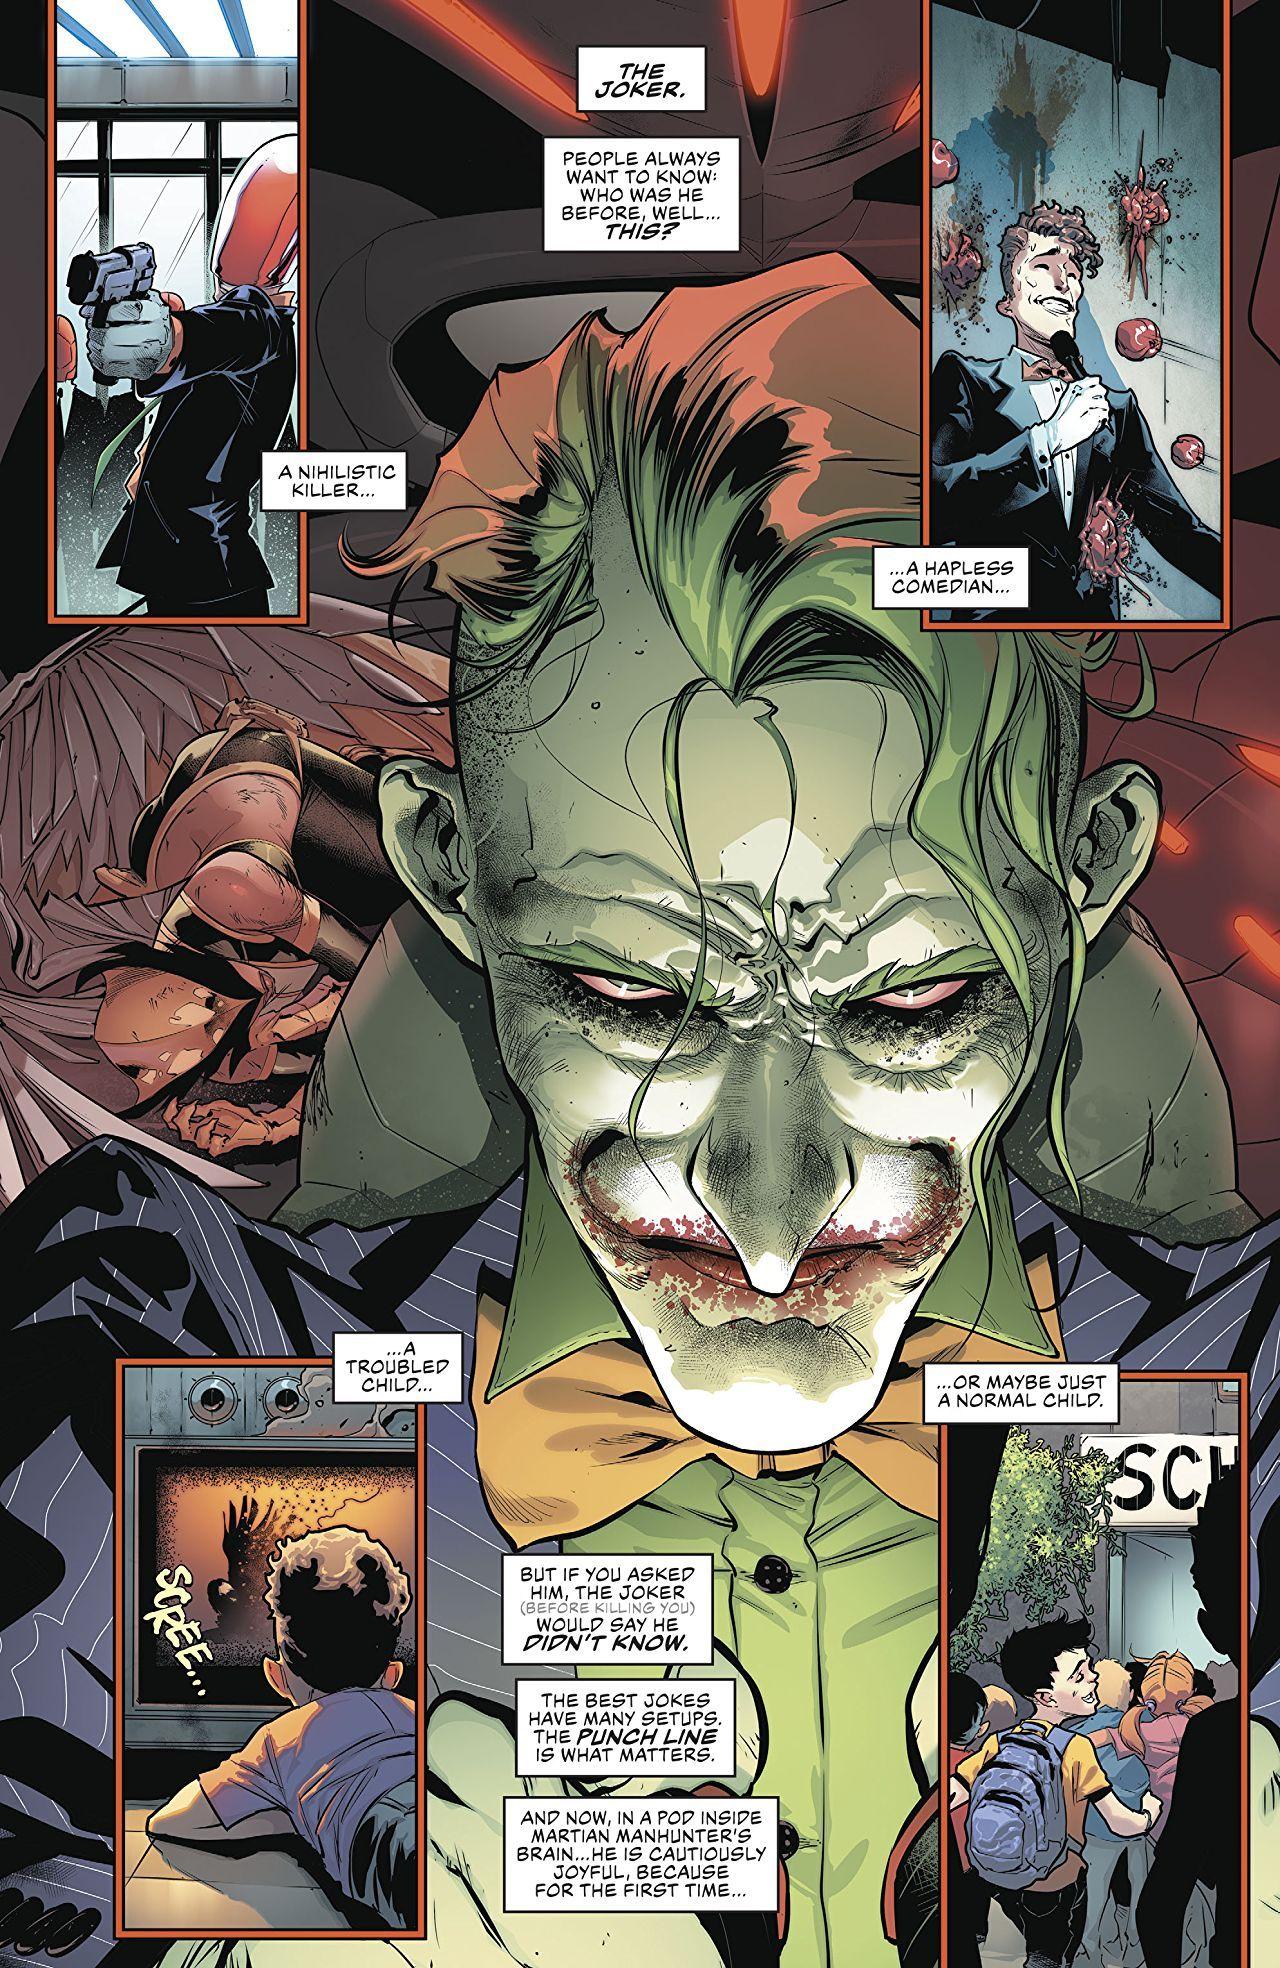 Justice League 2018 6 Comics Batman Comics Joker Art